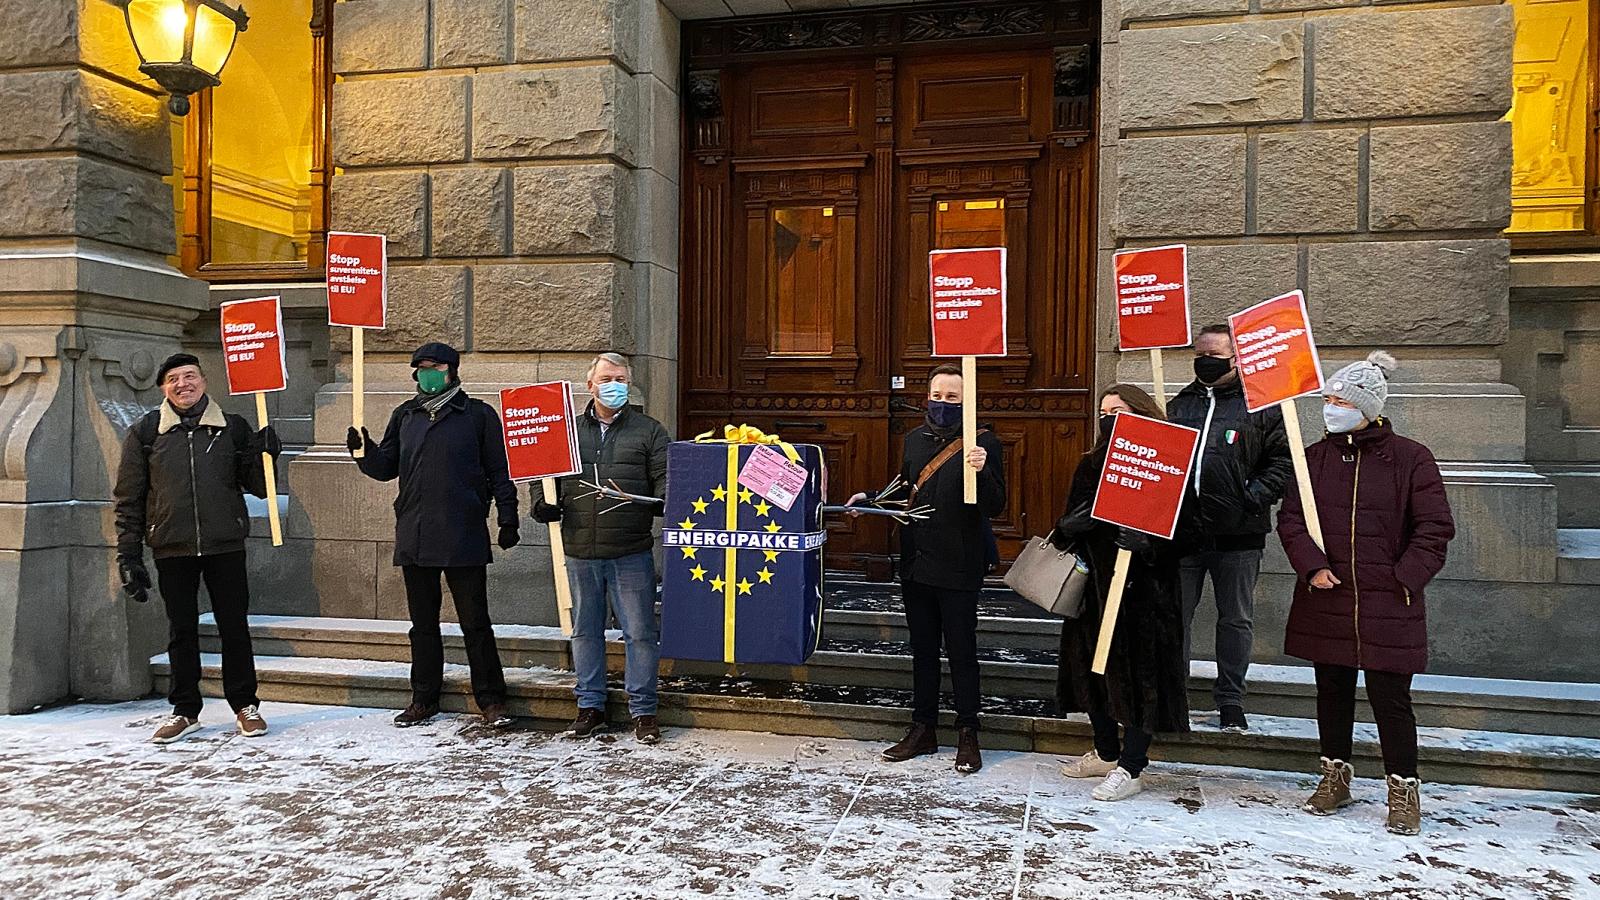 Nei til EU markerte åpningen av Høyesteretts behandling i januar ved å sende EUs energipakke i retur.